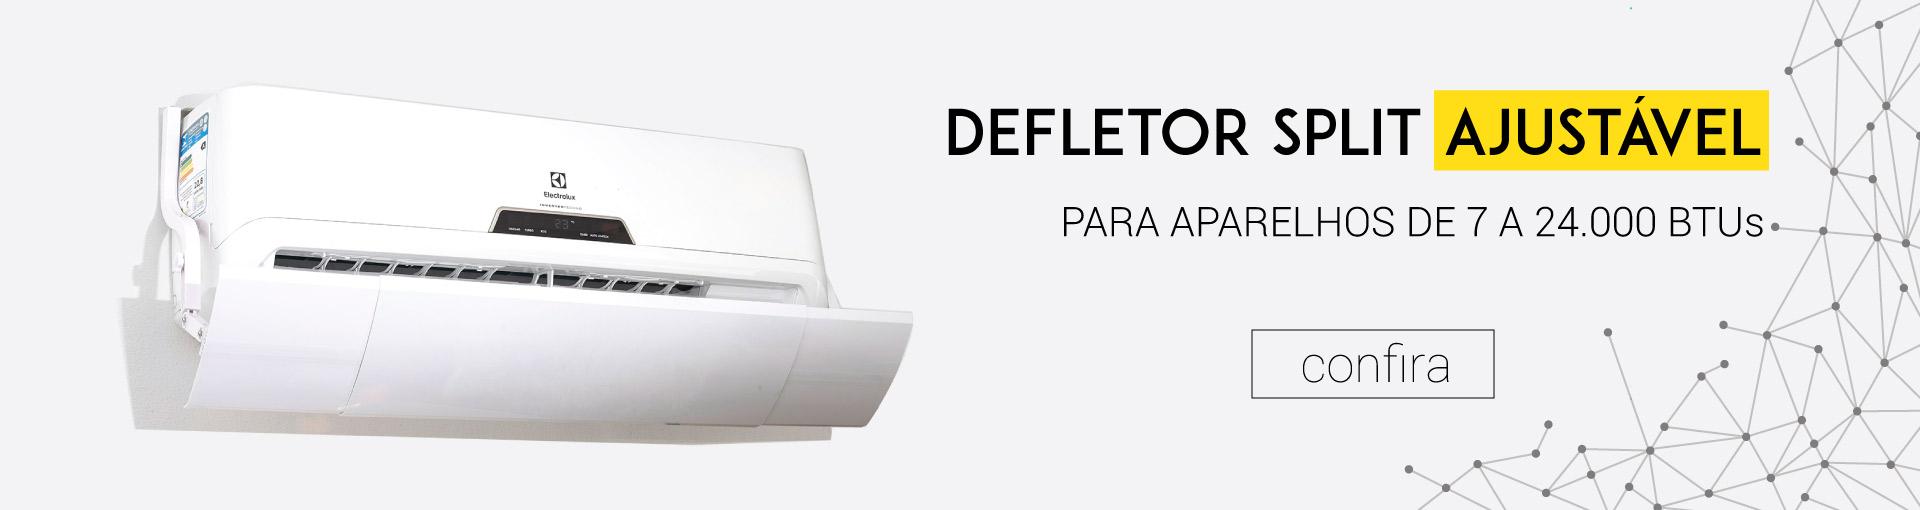 Defletor Ajustável para Ar Condicionado Split